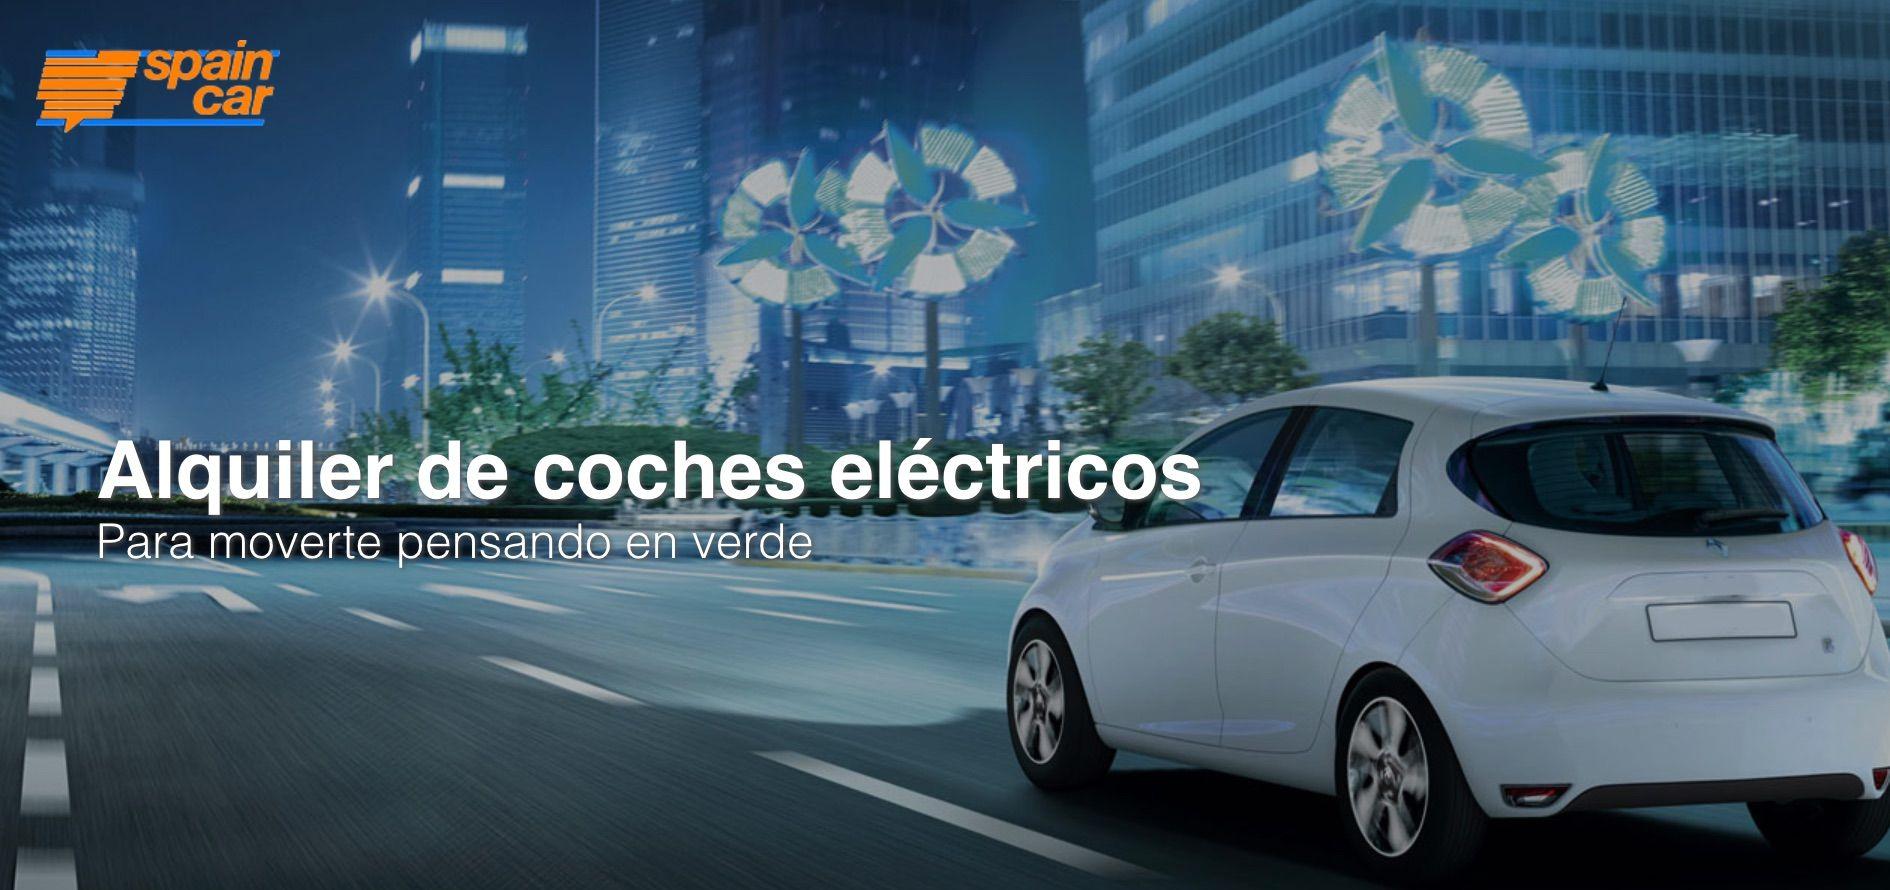 Foto de SPAIN CAR Alquiler de coches eléctricos